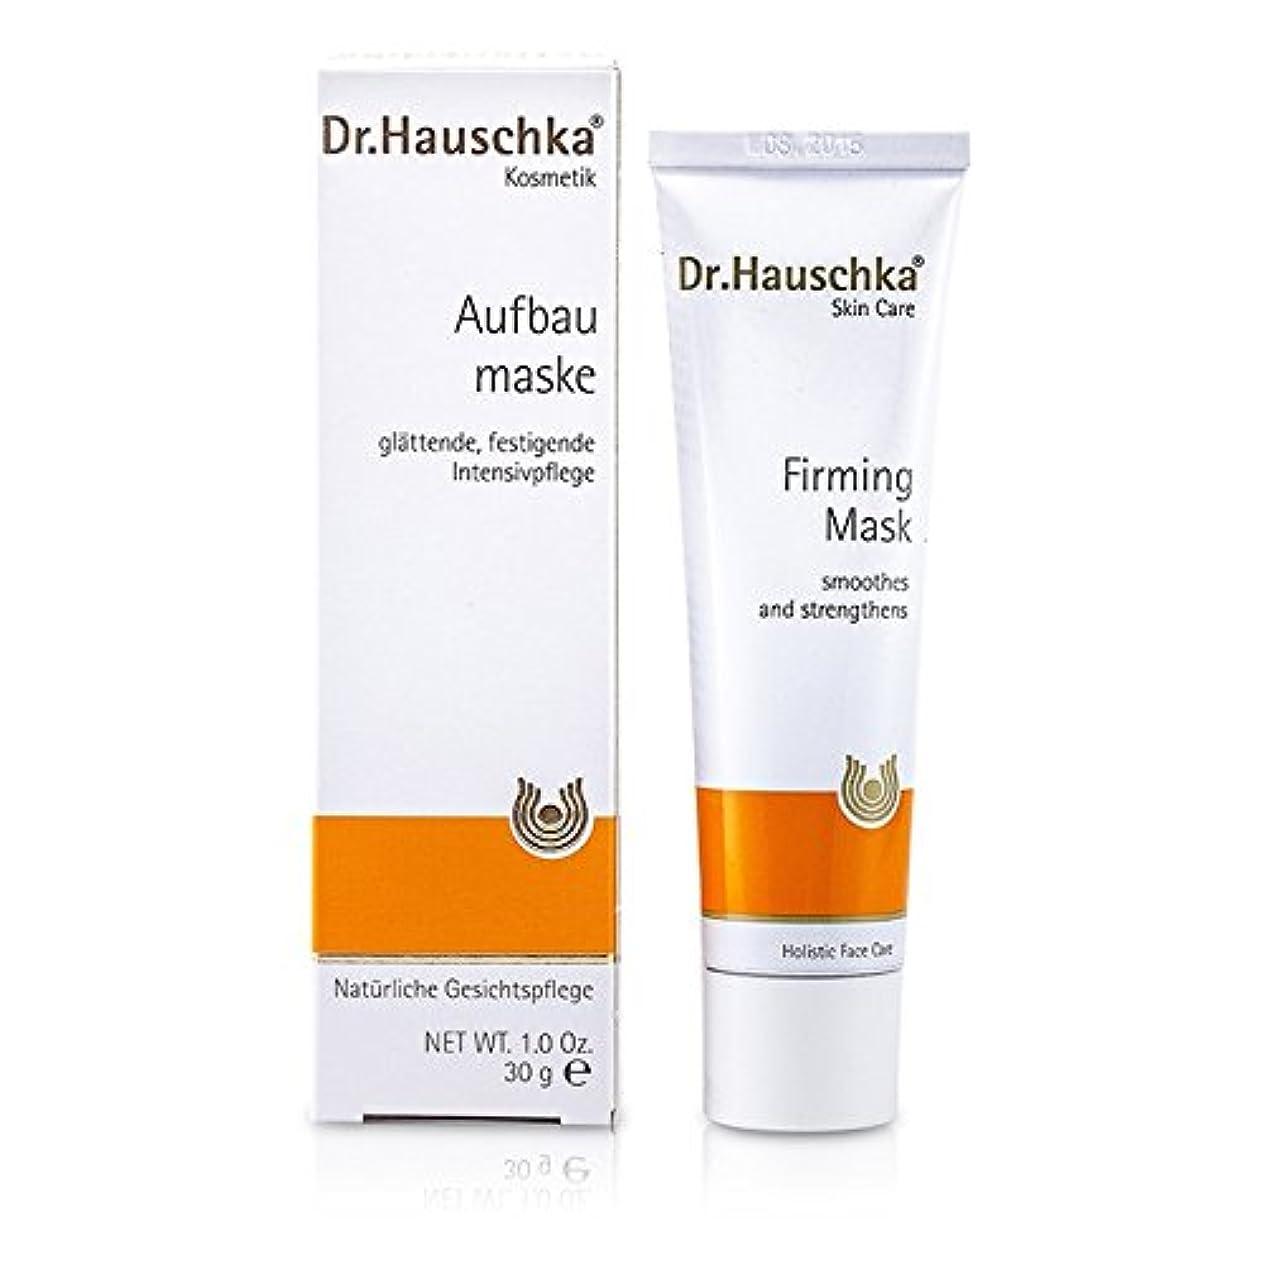 アクセシブル採用する冗談でドクターハウシュカ ファーミングマスク 30ml/1oz並行輸入品